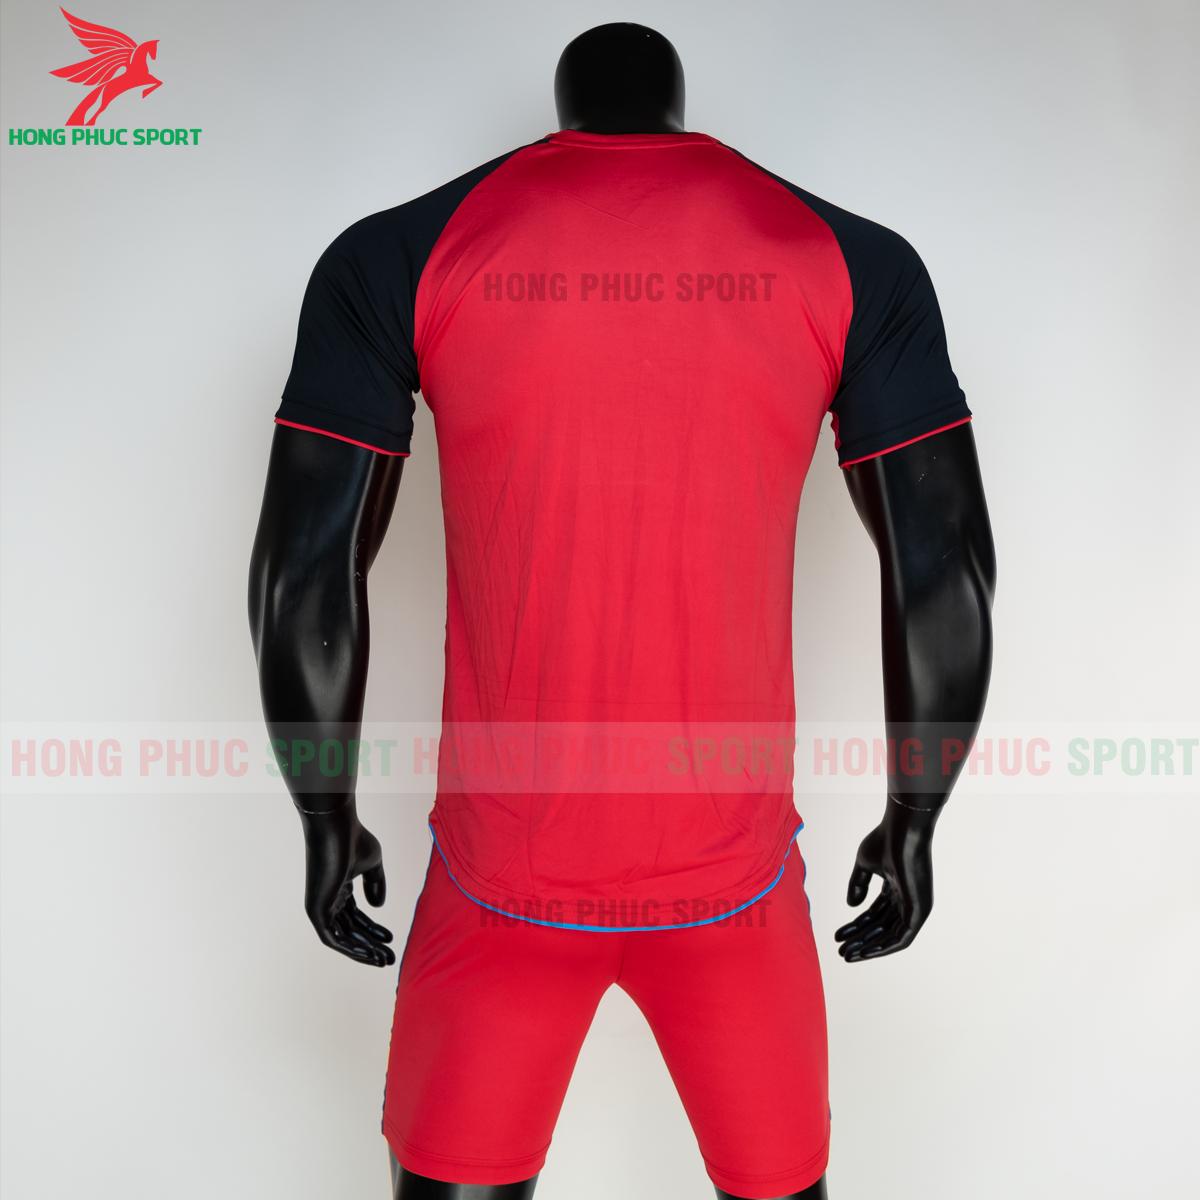 https://cdn.hongphucsport.com/unsafe/s4.shopbay.vn/files/285/ao-bong-da-khong-logo-riki-grambor-mau-do-8-6050605c689e1.png